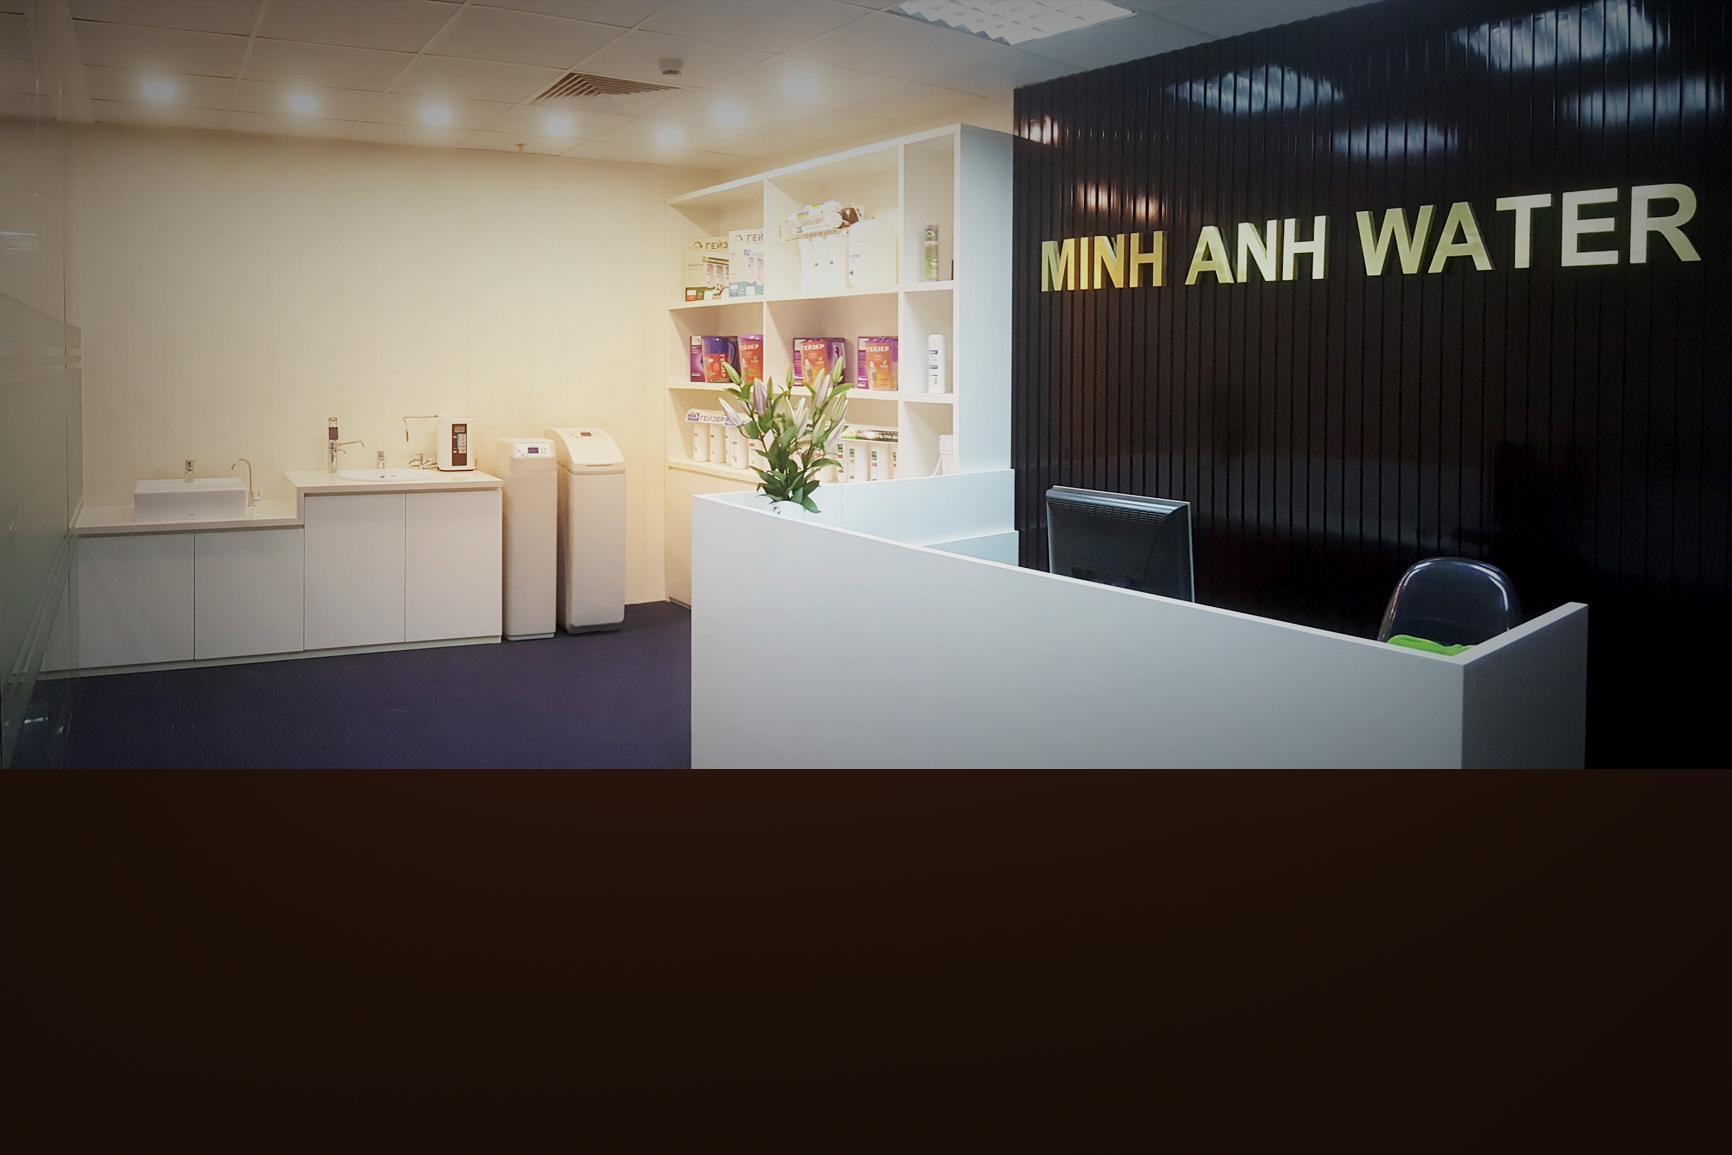 Minh Anh Water phân phối máy lọc nước chính hãng